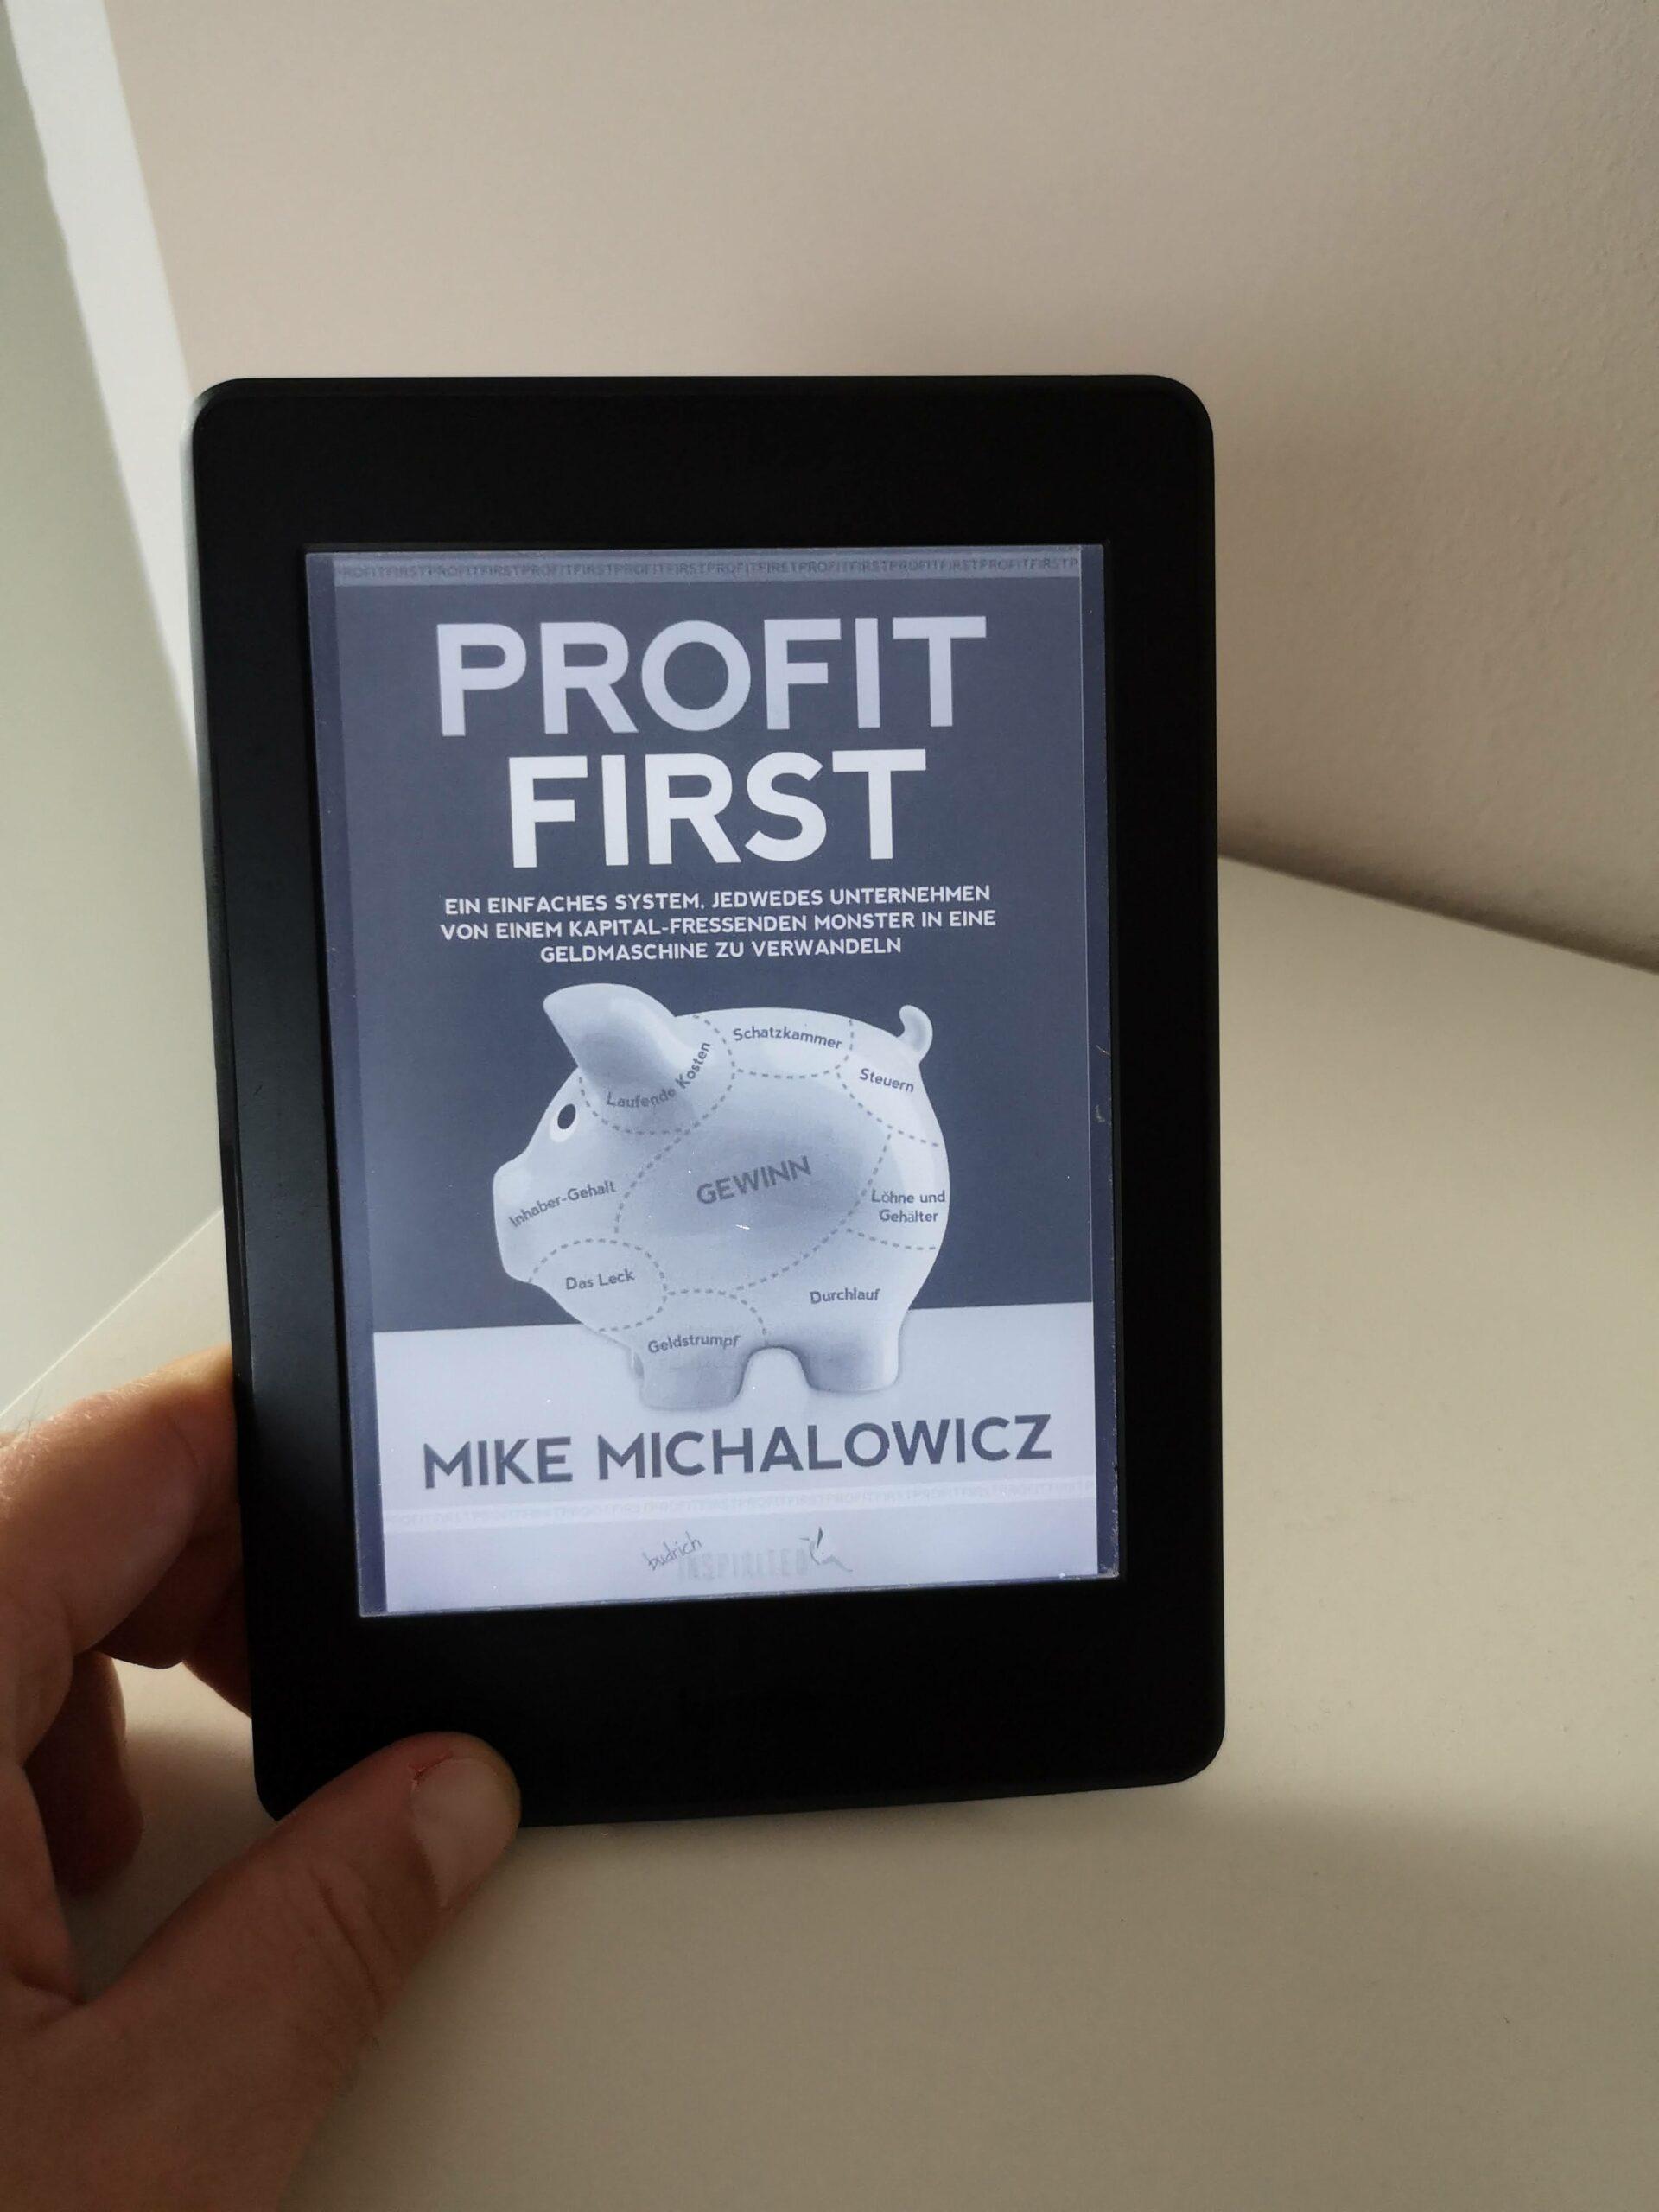 Profit First auf dem Kindle lesen